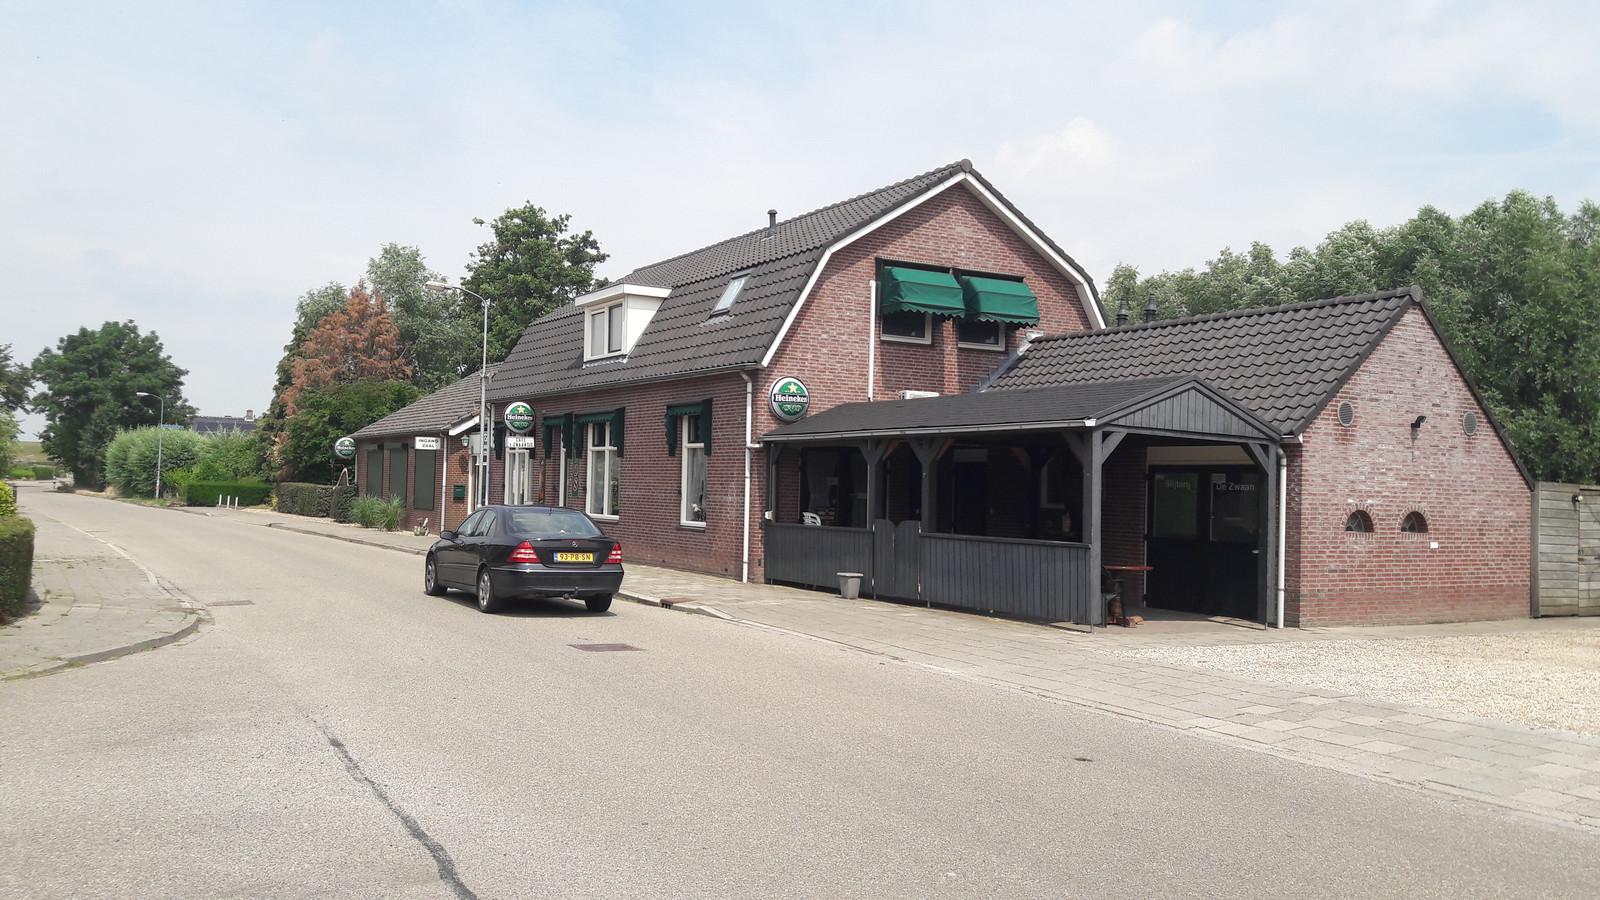 Café 't Zwaantje in Deest.